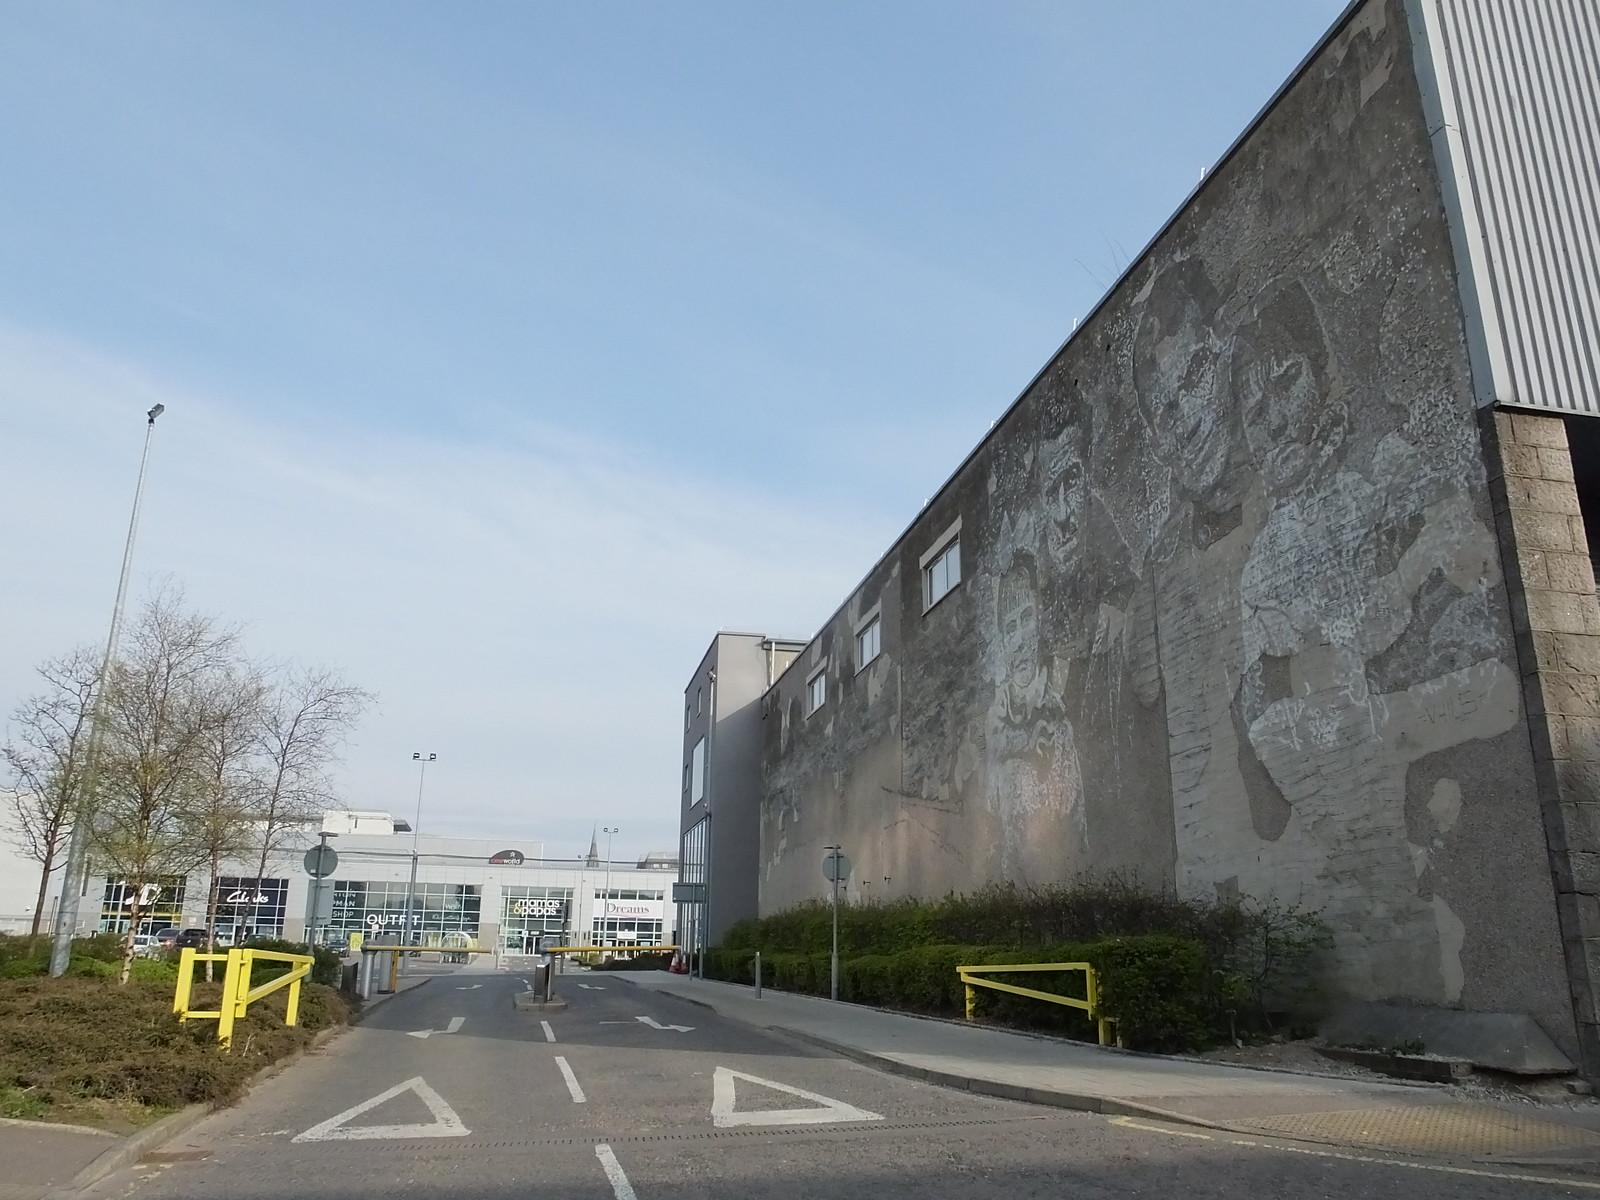 Nuart Aberdeen 2019: Vhils